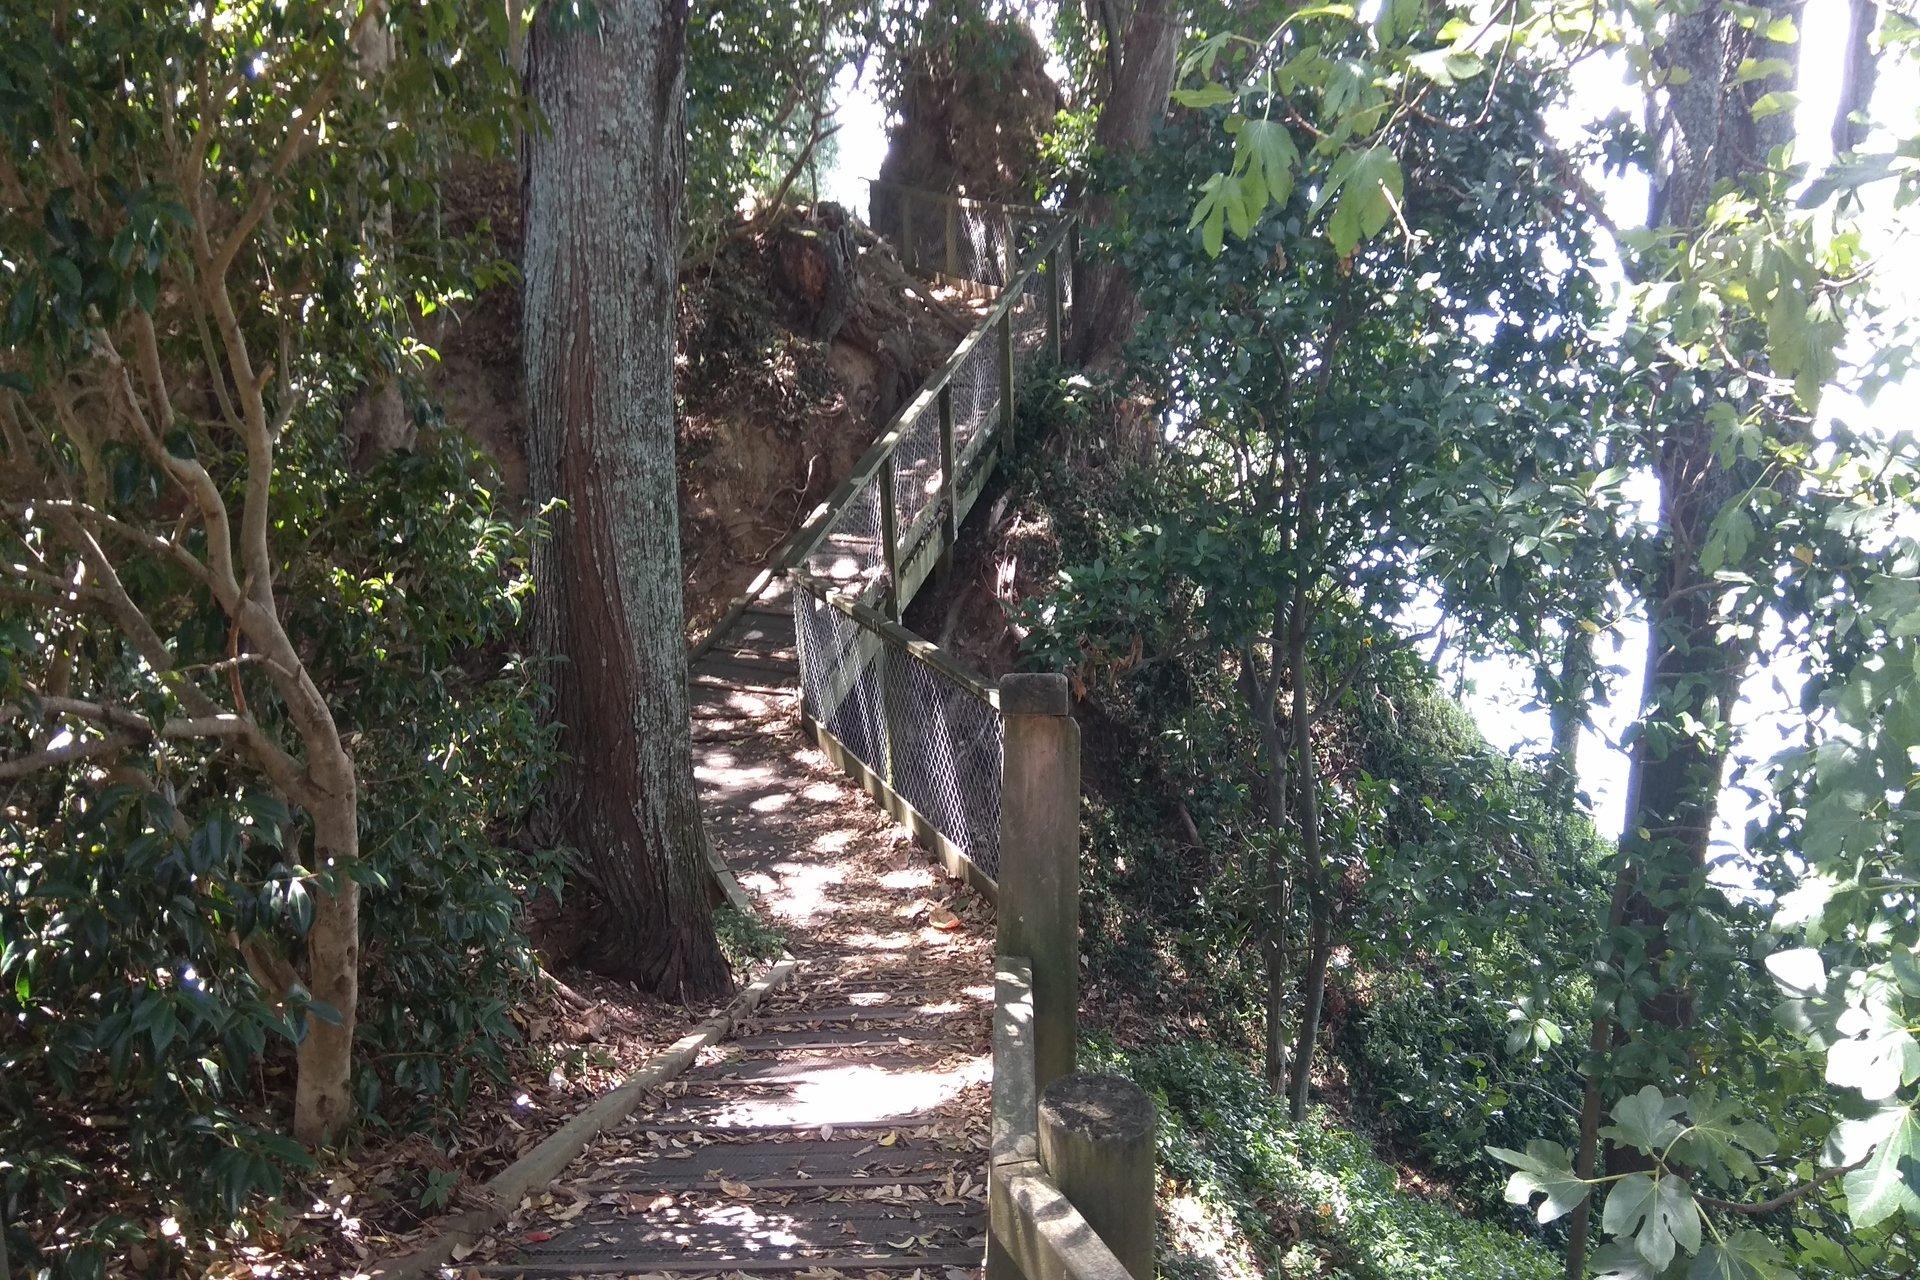 Omokoroa-peninsula-walkway-track